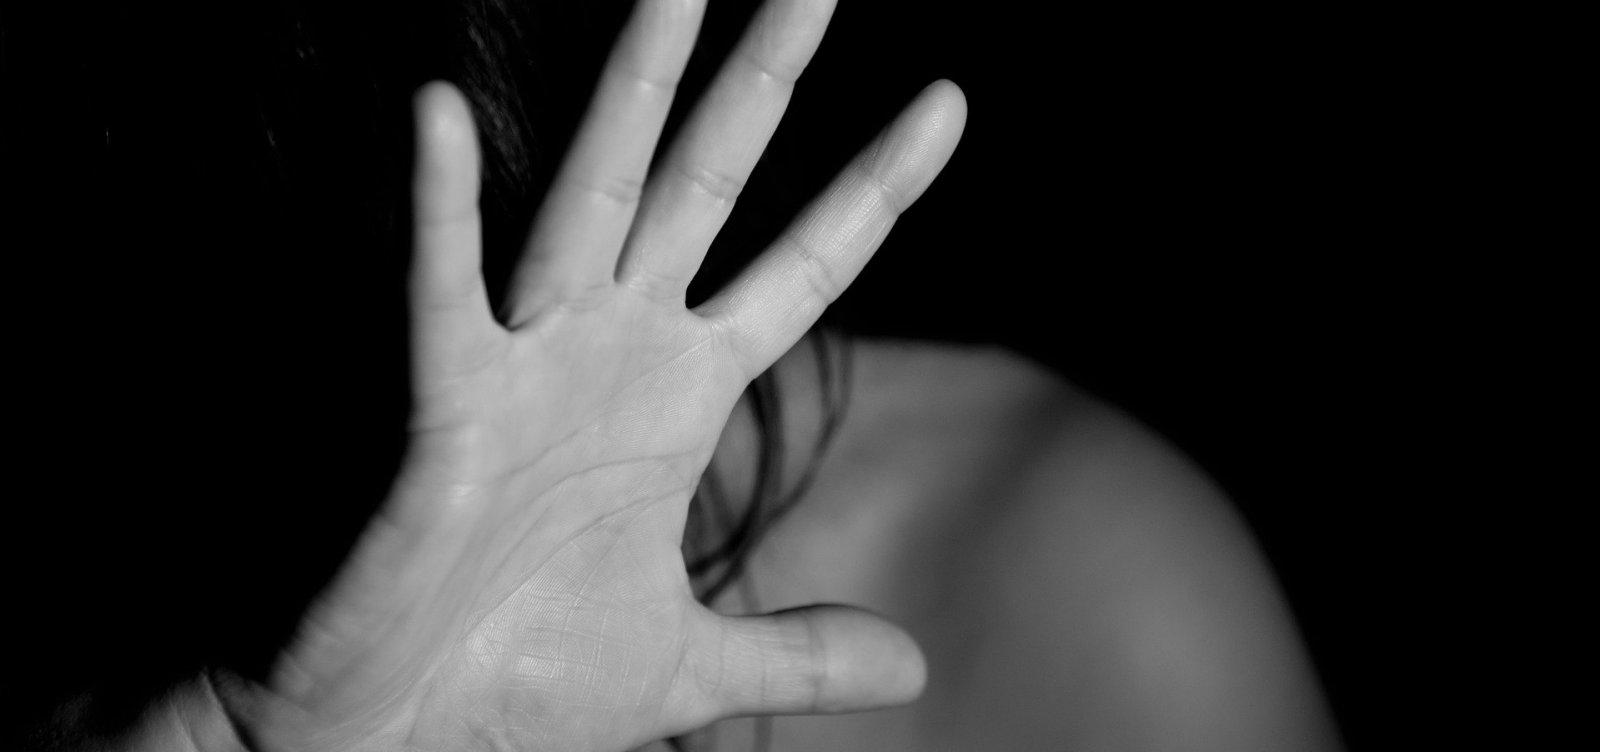 Bahia tem 5º maior índice de violência sexual do país; quase 10% das mulheres já sofreram abuso